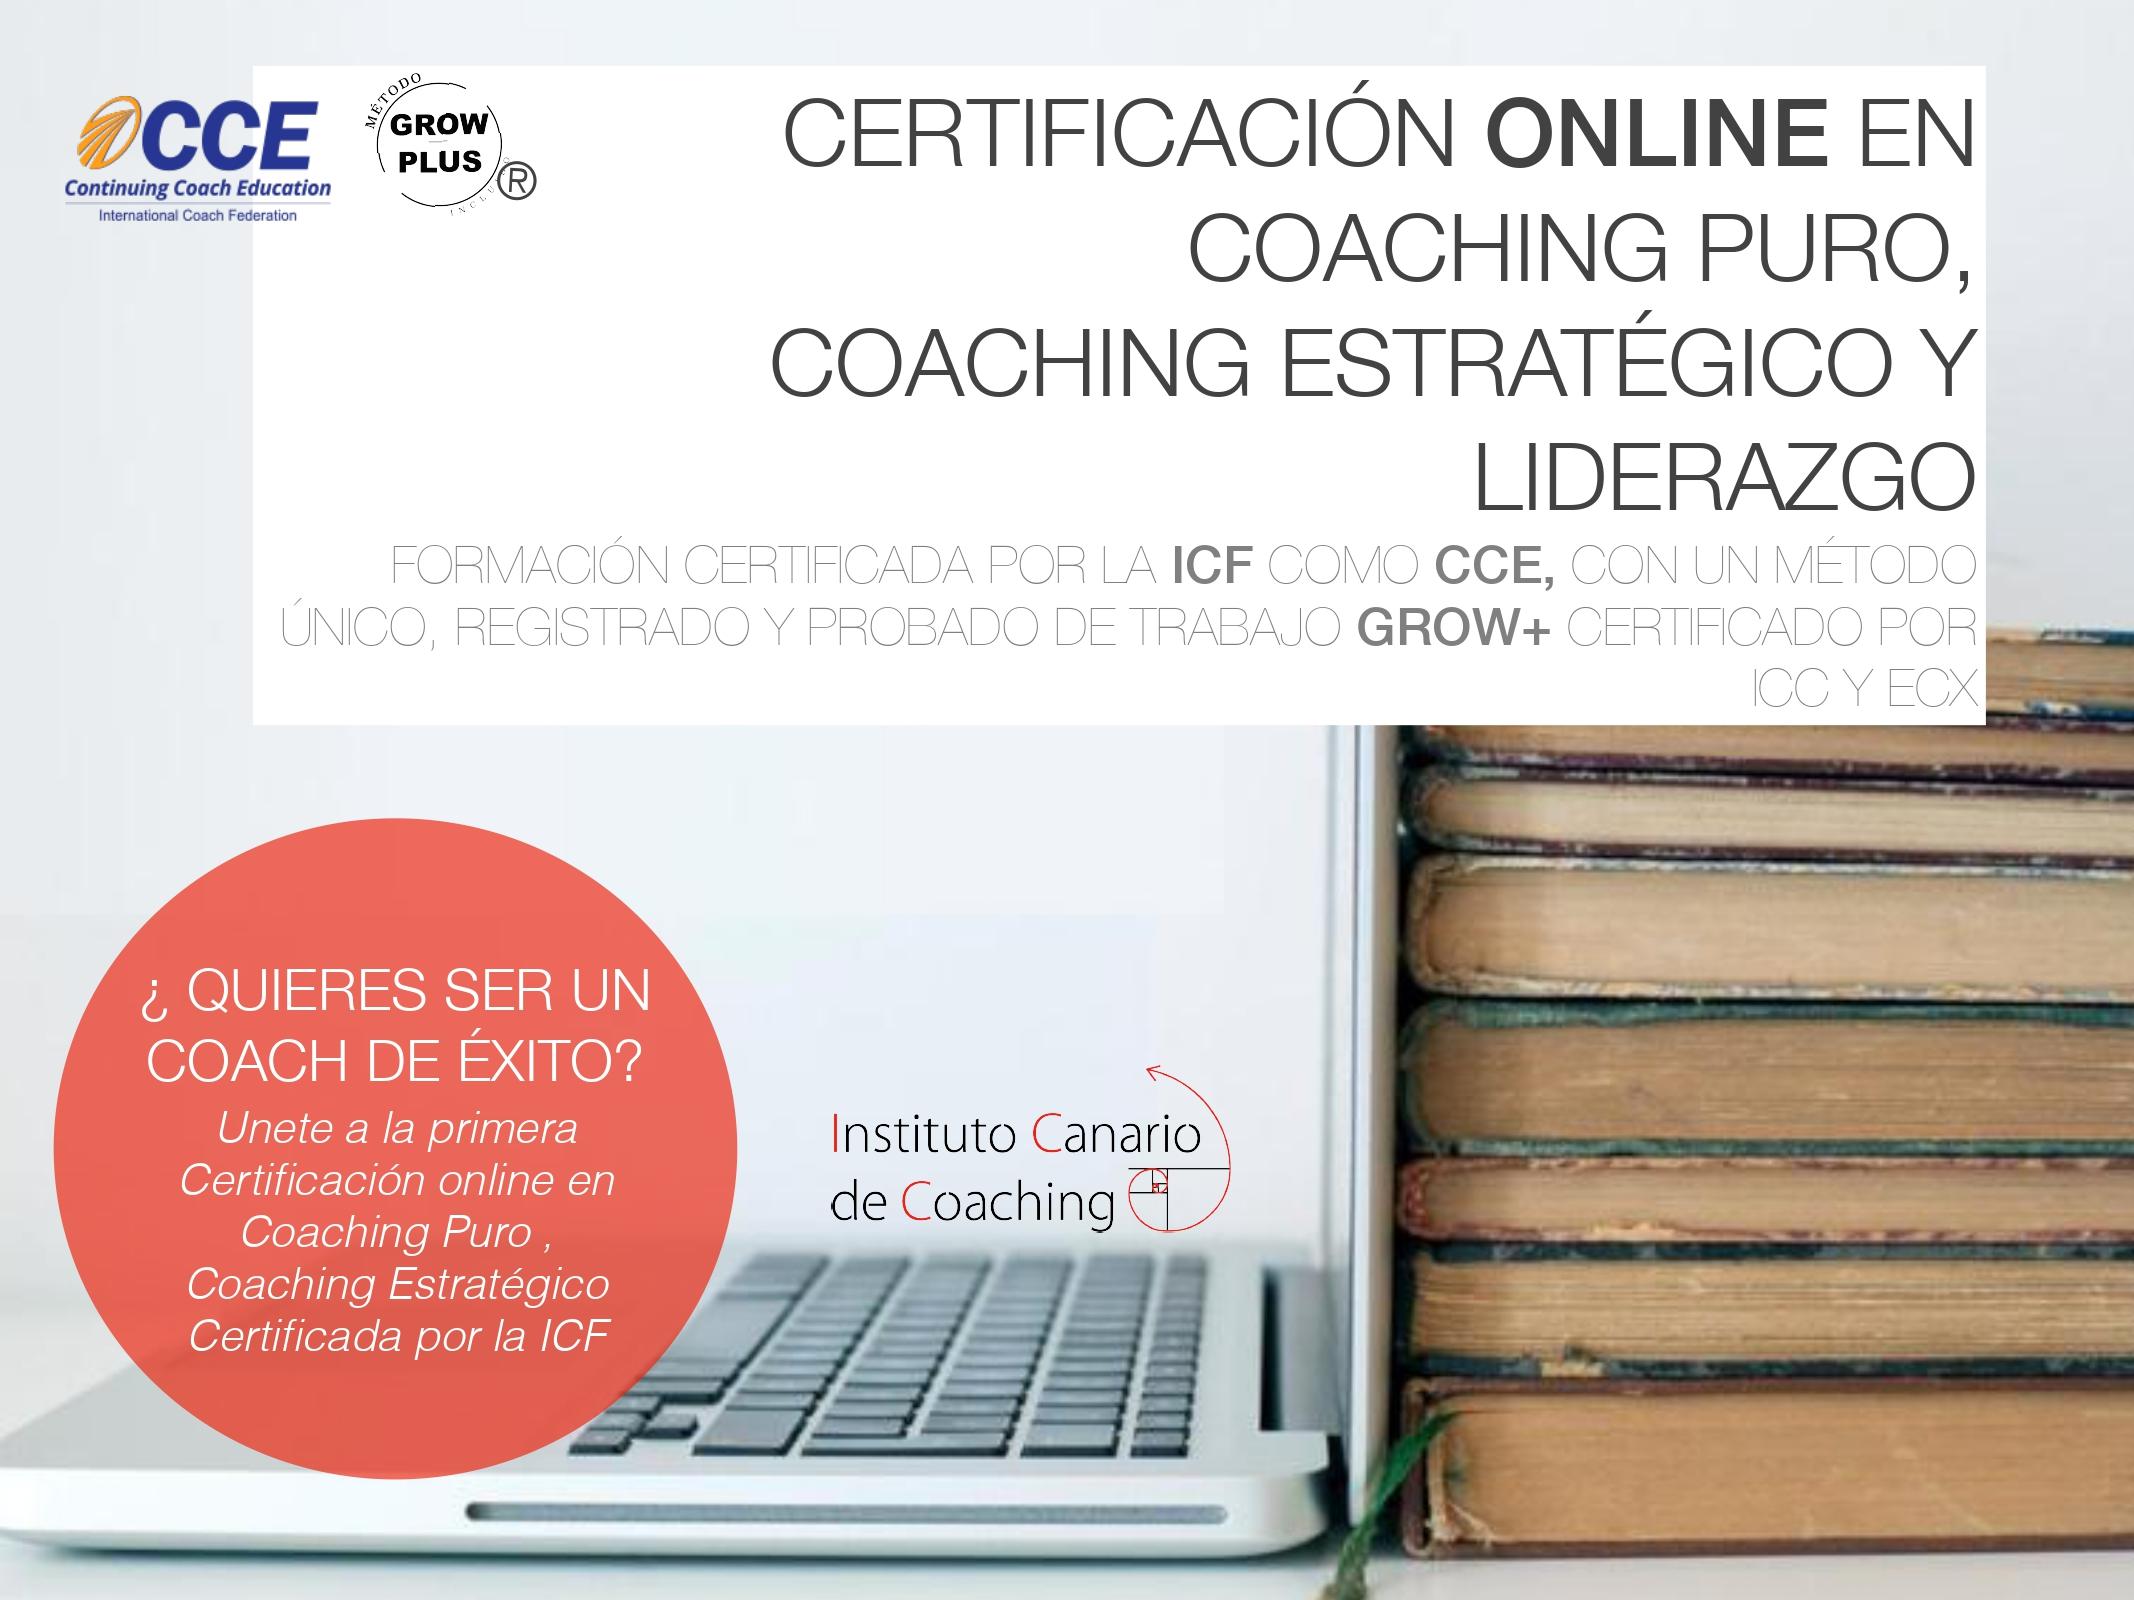 Certificación Internacional Online en Coaching Puro Coaching Estratégico y Liderazgo 3 plazos de 700€